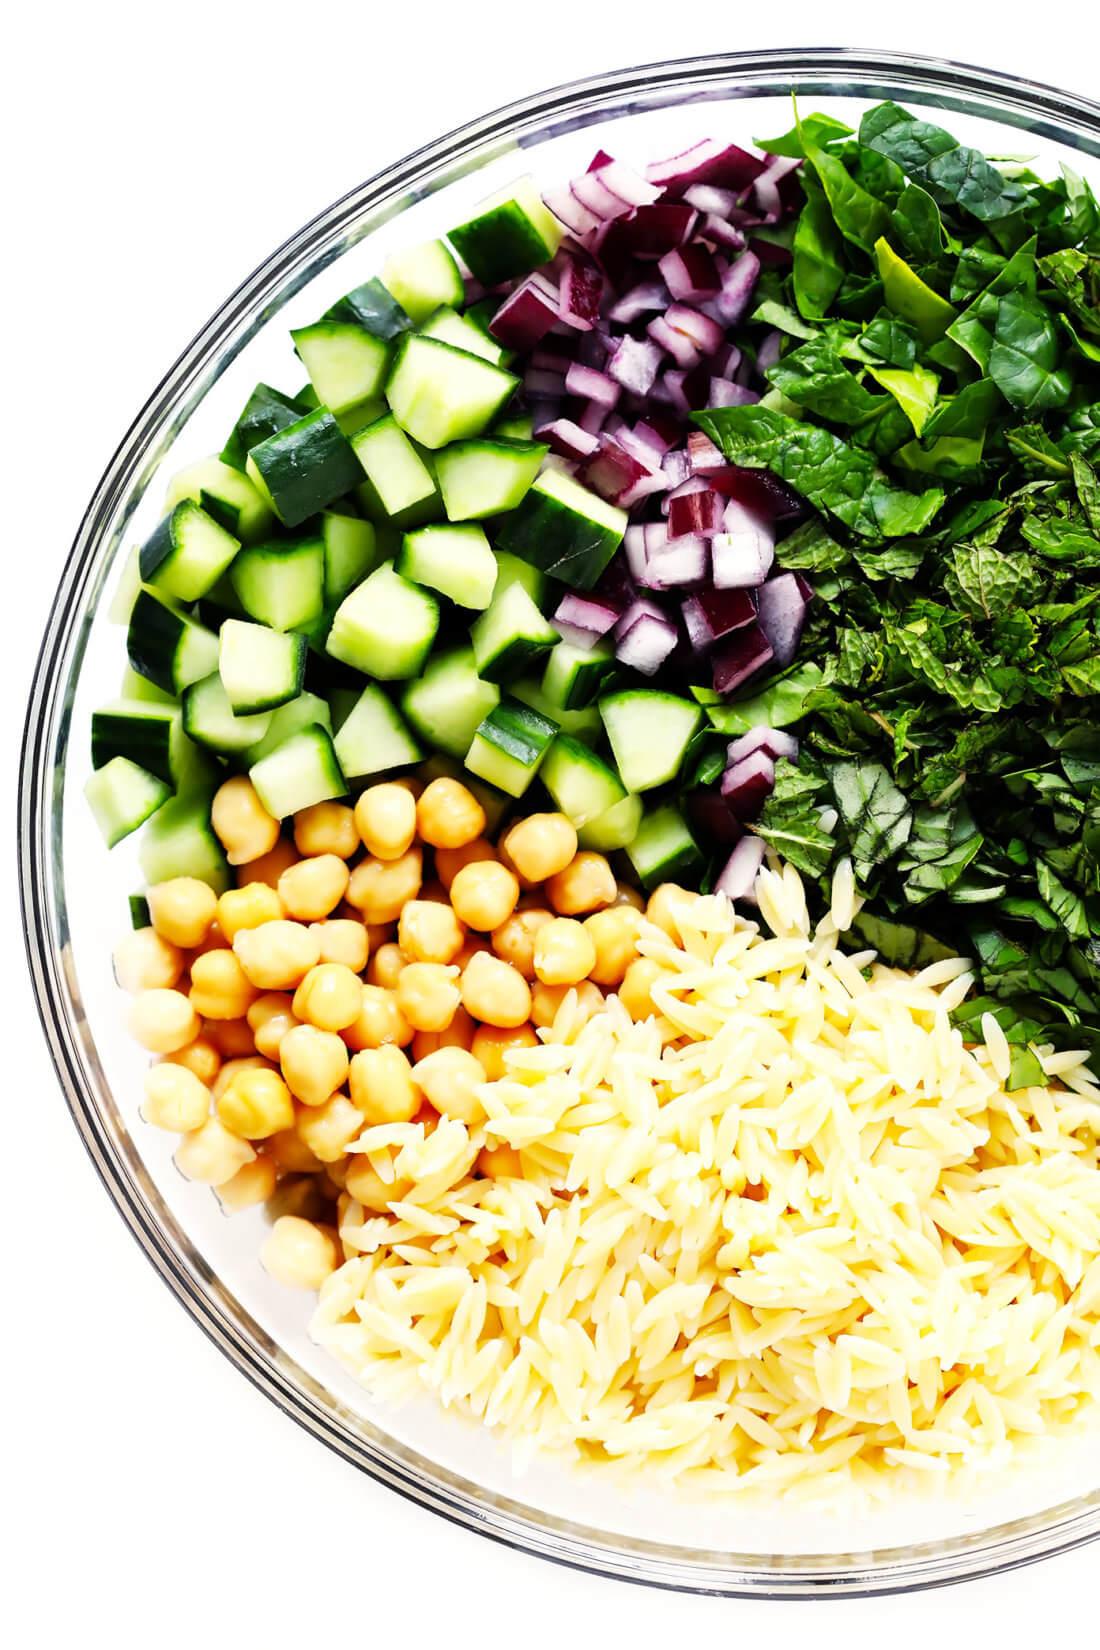 Lemon Orzo Pasta Salad Ingredients